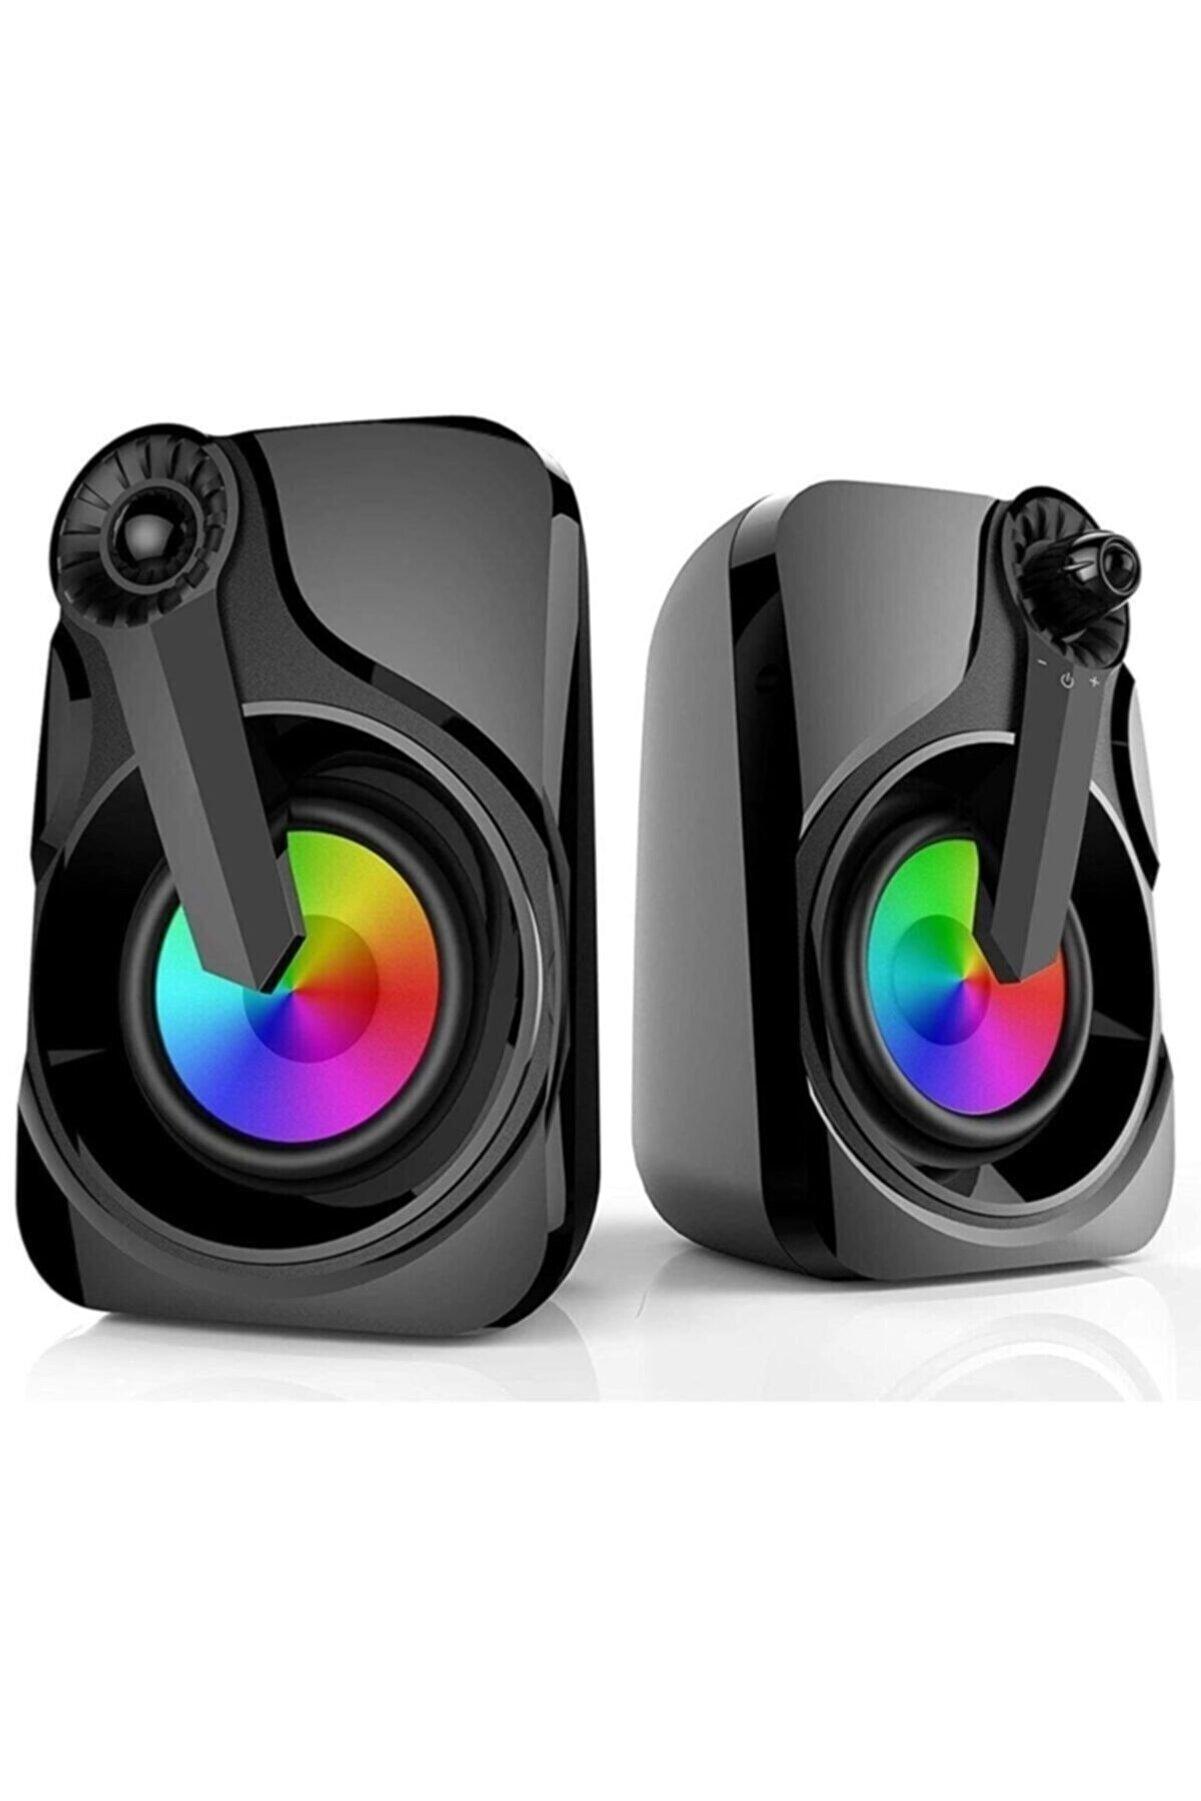 Mikado Renkli Led Işıklı Rgb Usb Bilgisayar Hoparlör Md-x27 Siyah